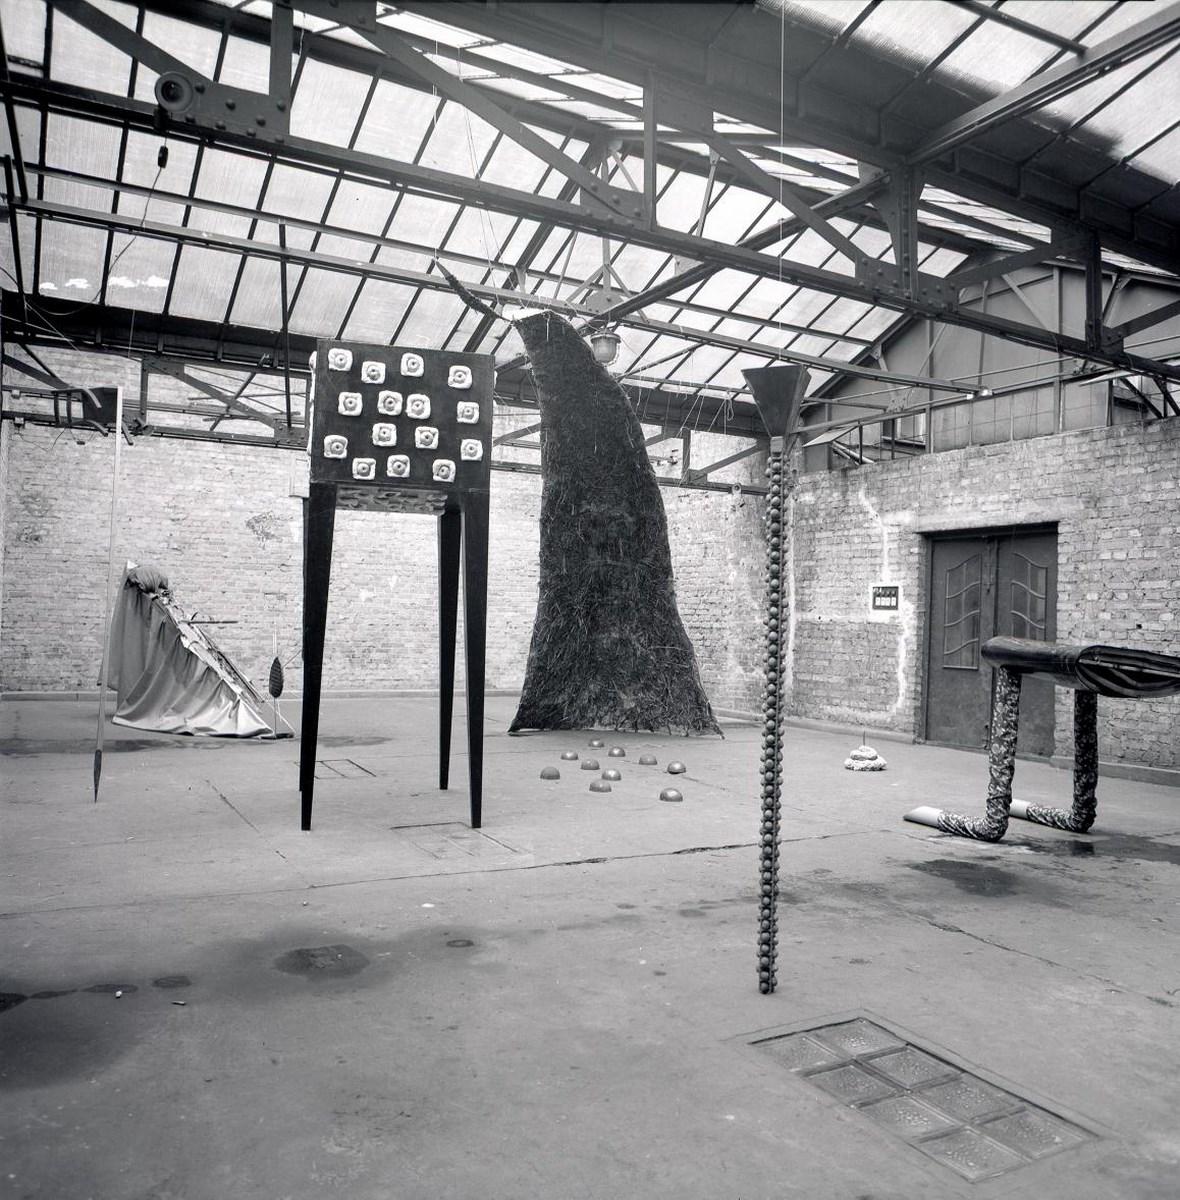 Kolo Klipsa, Wystawa numer 4, maj – czerwiec 1985, fot. Włodzimierz Kowaliński (źródło: materiały prasowe organizatora)